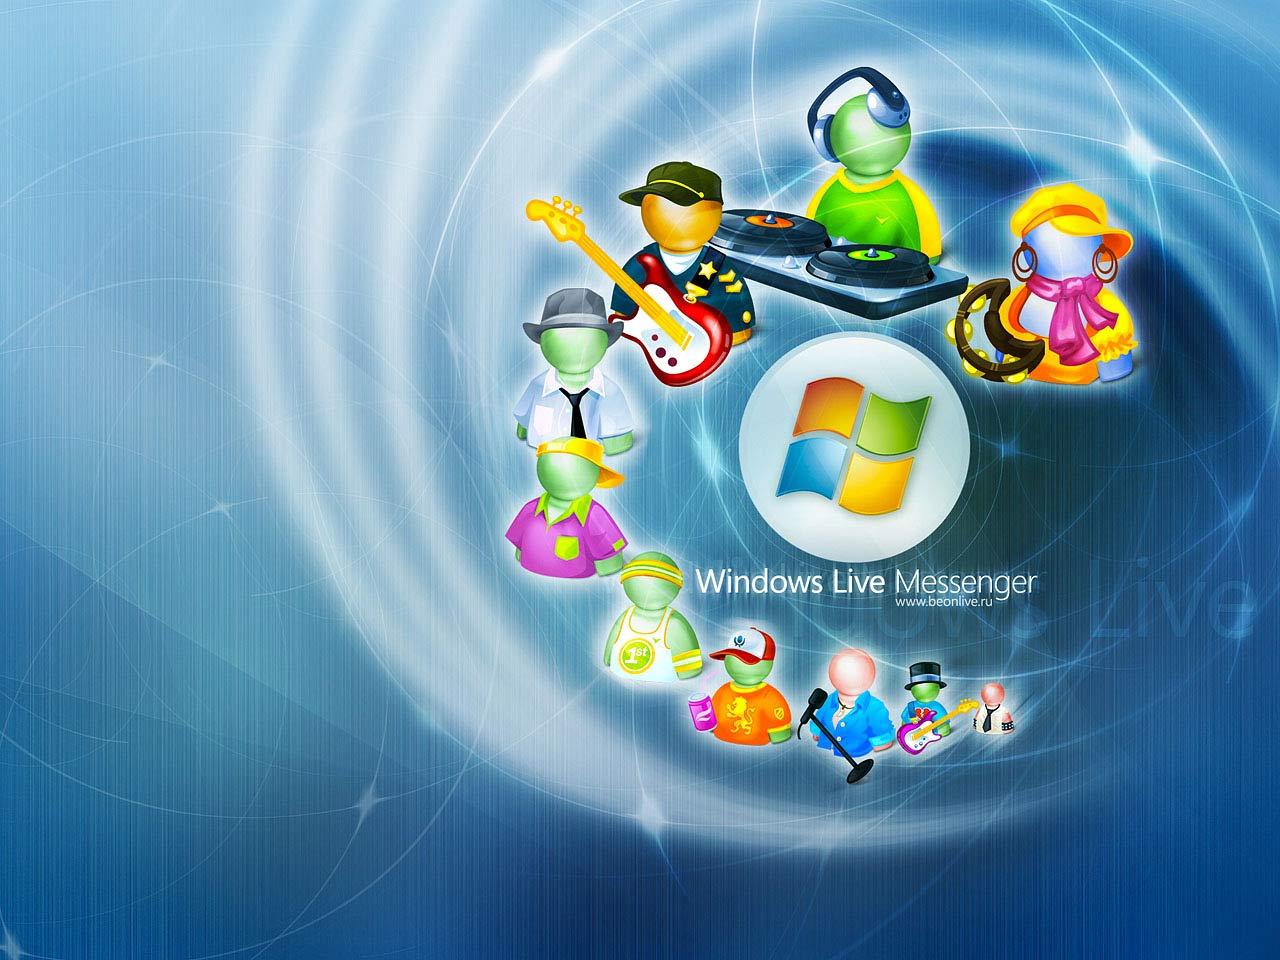 http://2.bp.blogspot.com/_E9ke4APIQdw/S8uOt7BRTMI/AAAAAAAAAAU/Y0q9qru3Mmw/s1600/Wallpapers_Windows_Messenger.jpg